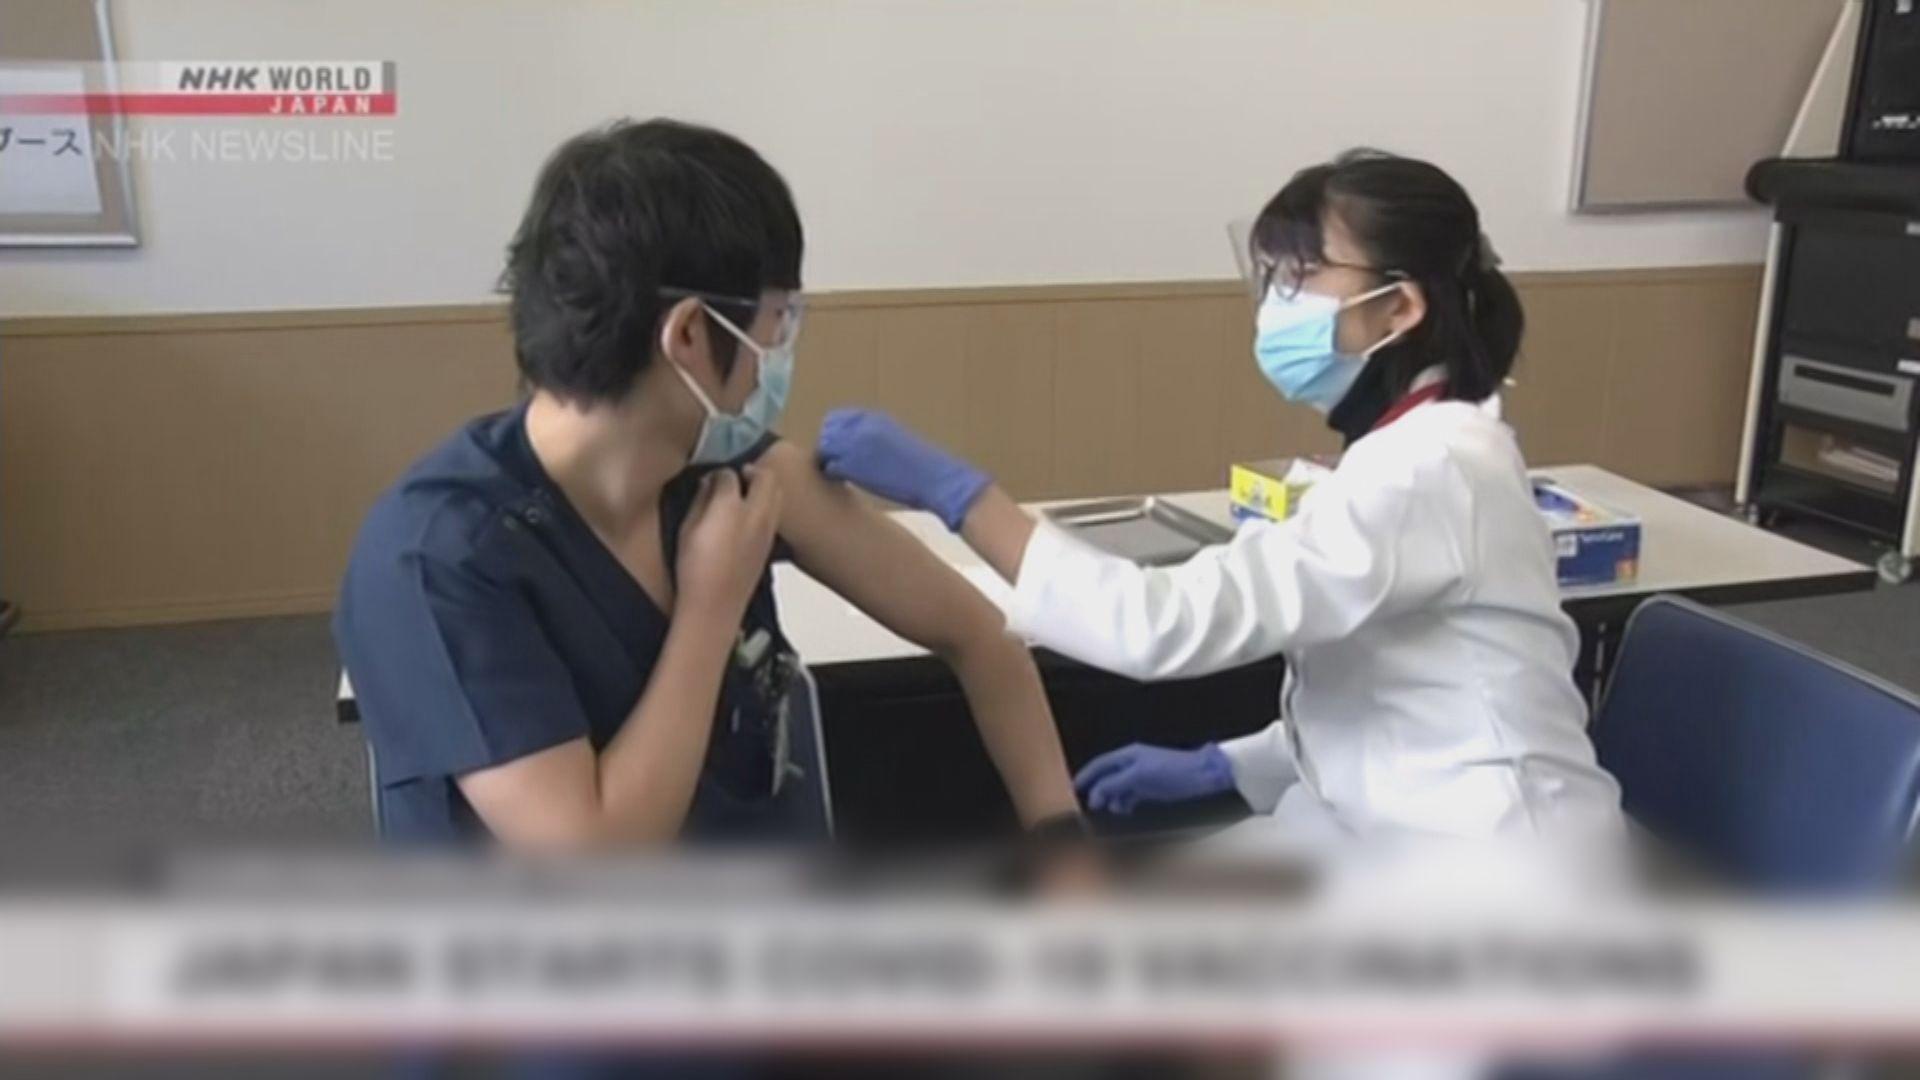 日本為醫護接種新冠疫苗 專家料奧運前無法達致群體免疫